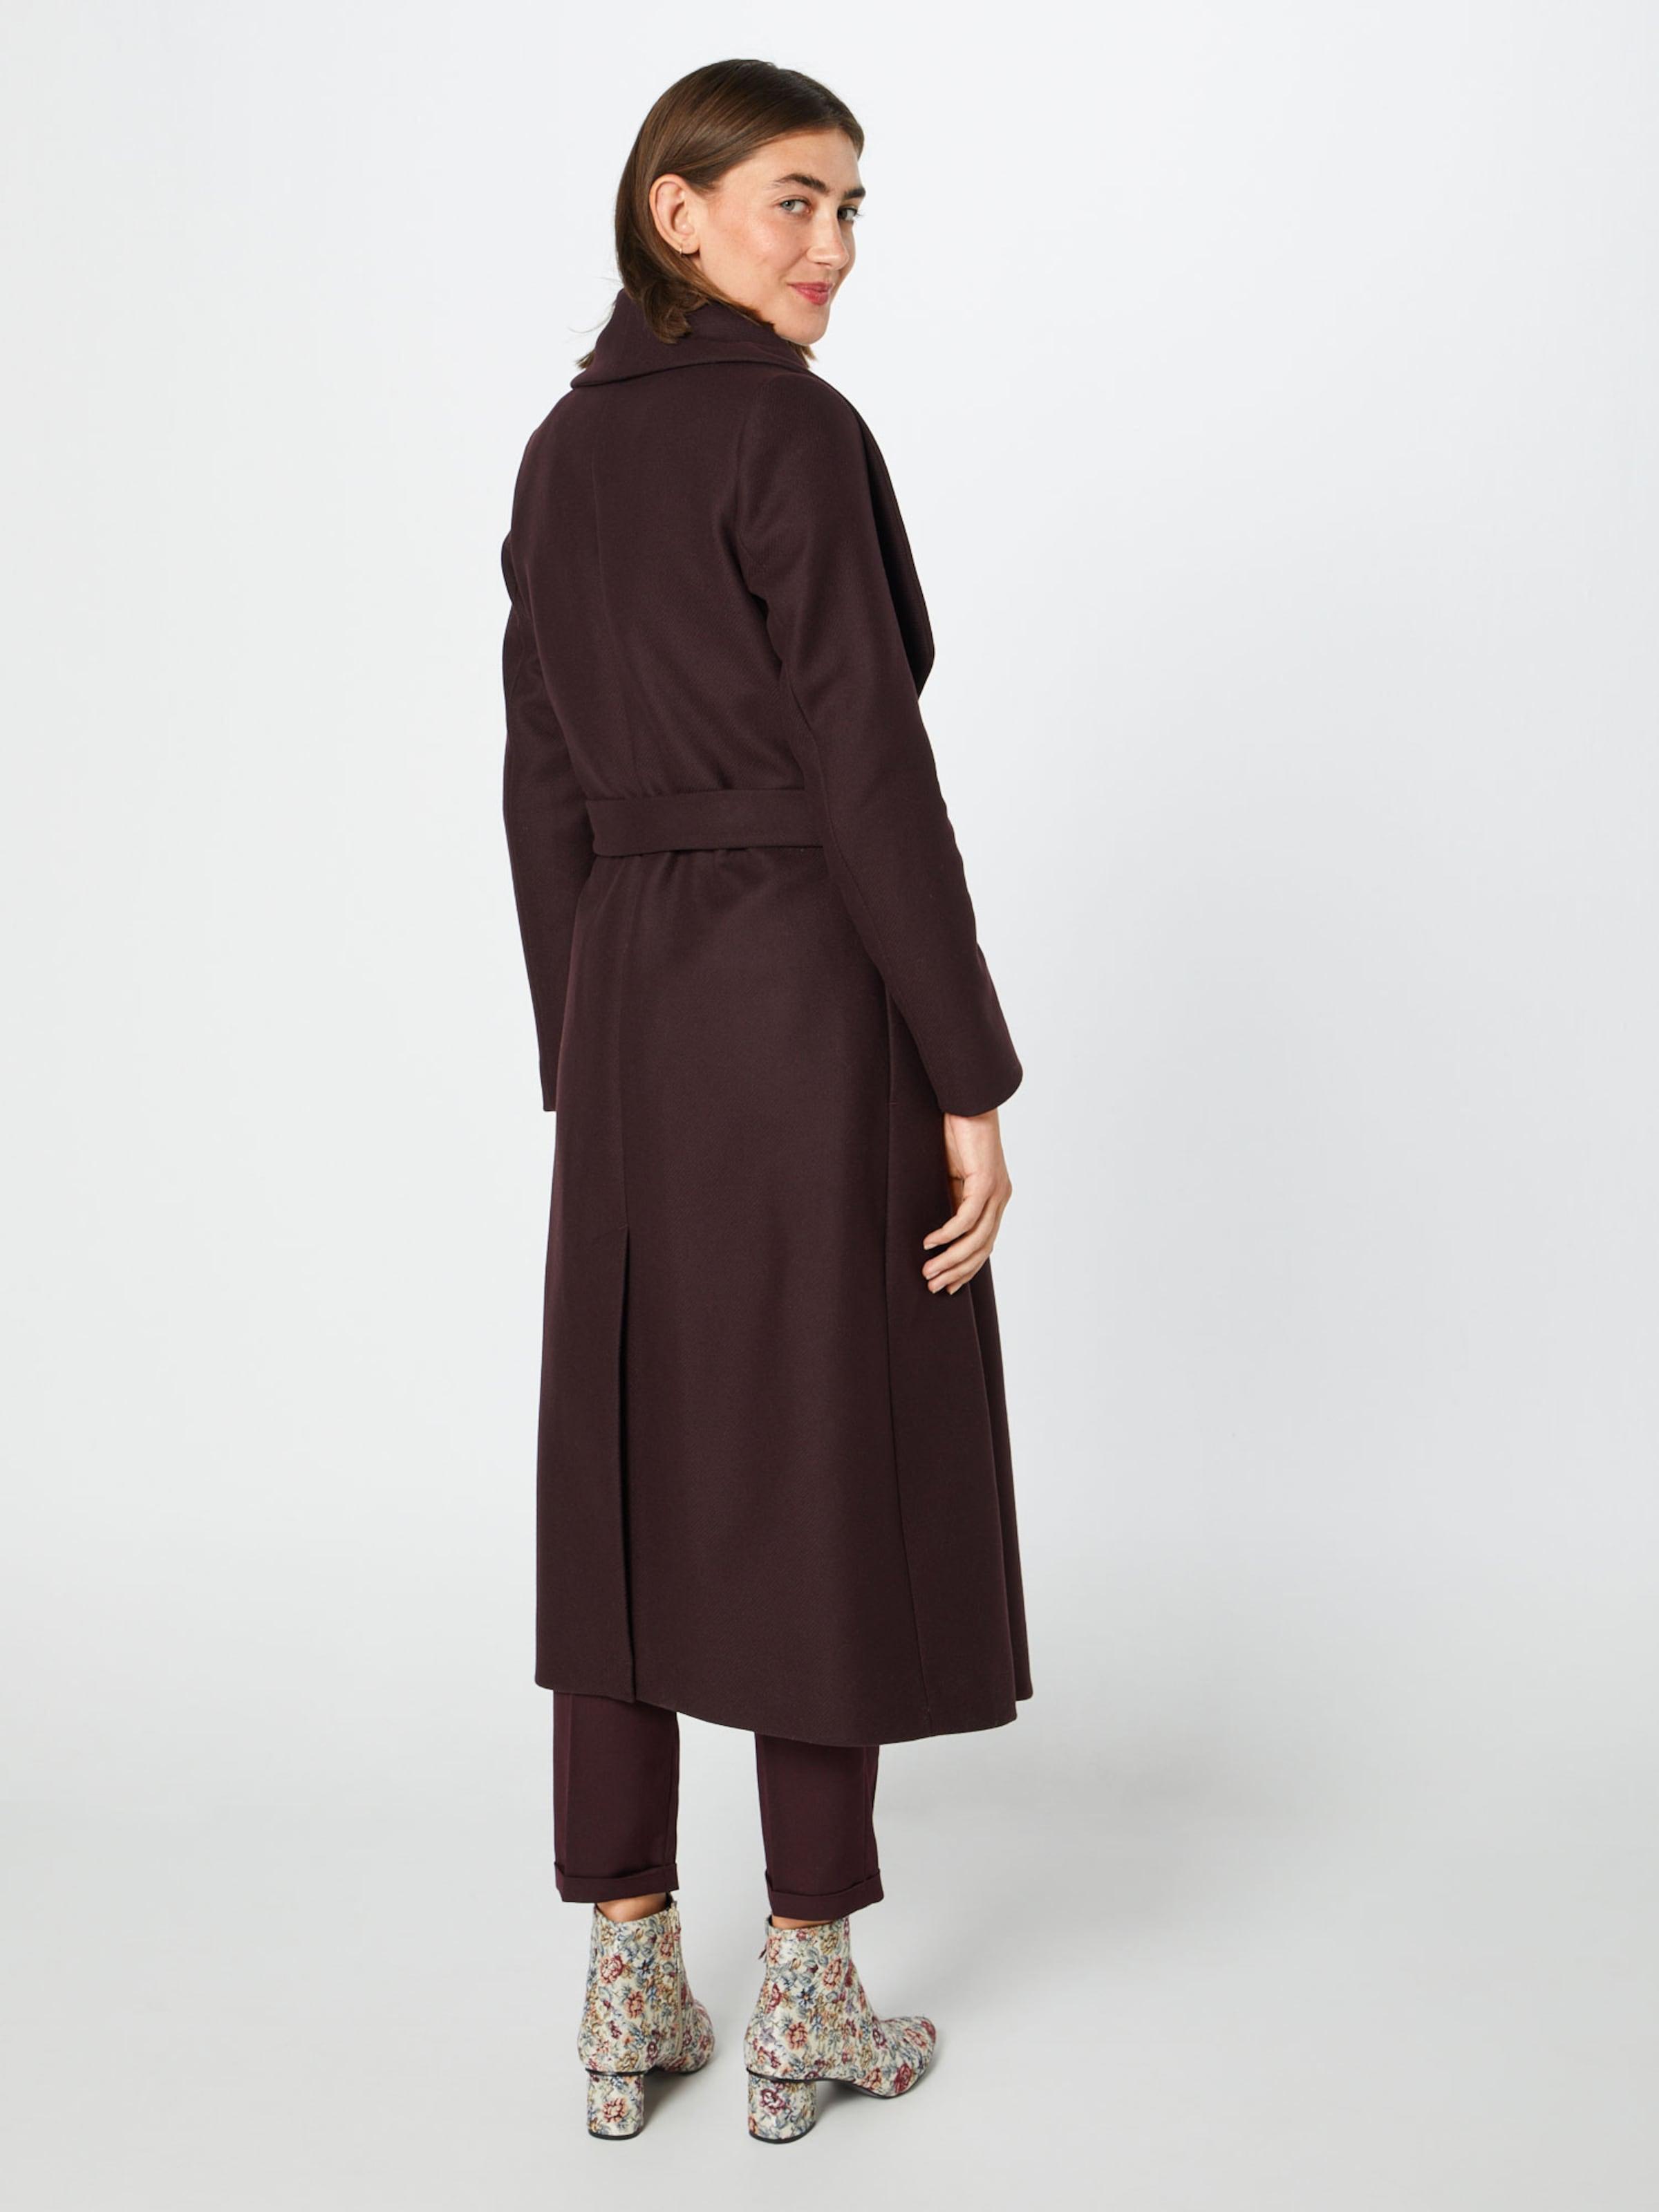 Aubergine 'bathrobe Coat' In Mantel Oak Ivyamp; 0XOk8nPw